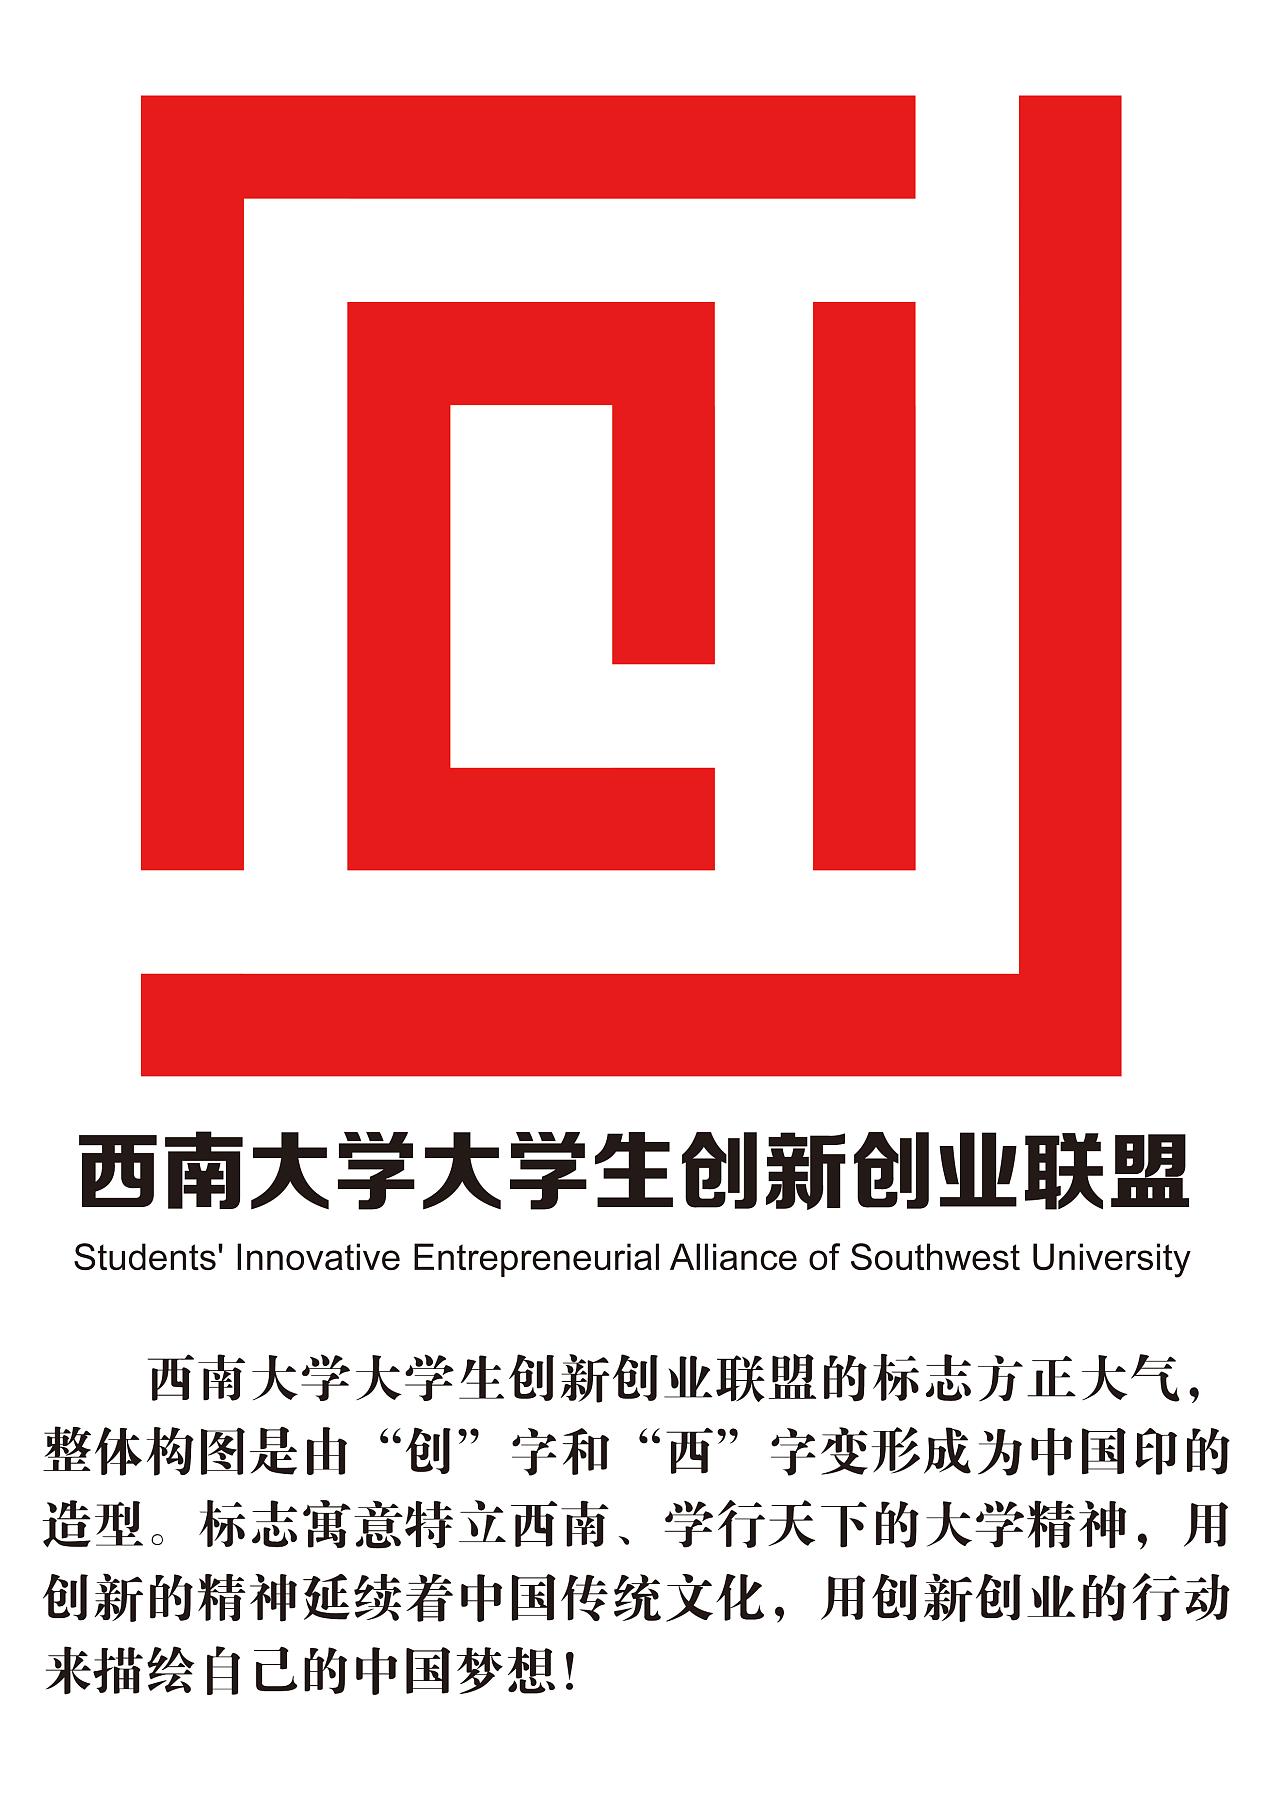 西南大学大学生创新创业联盟logo图片